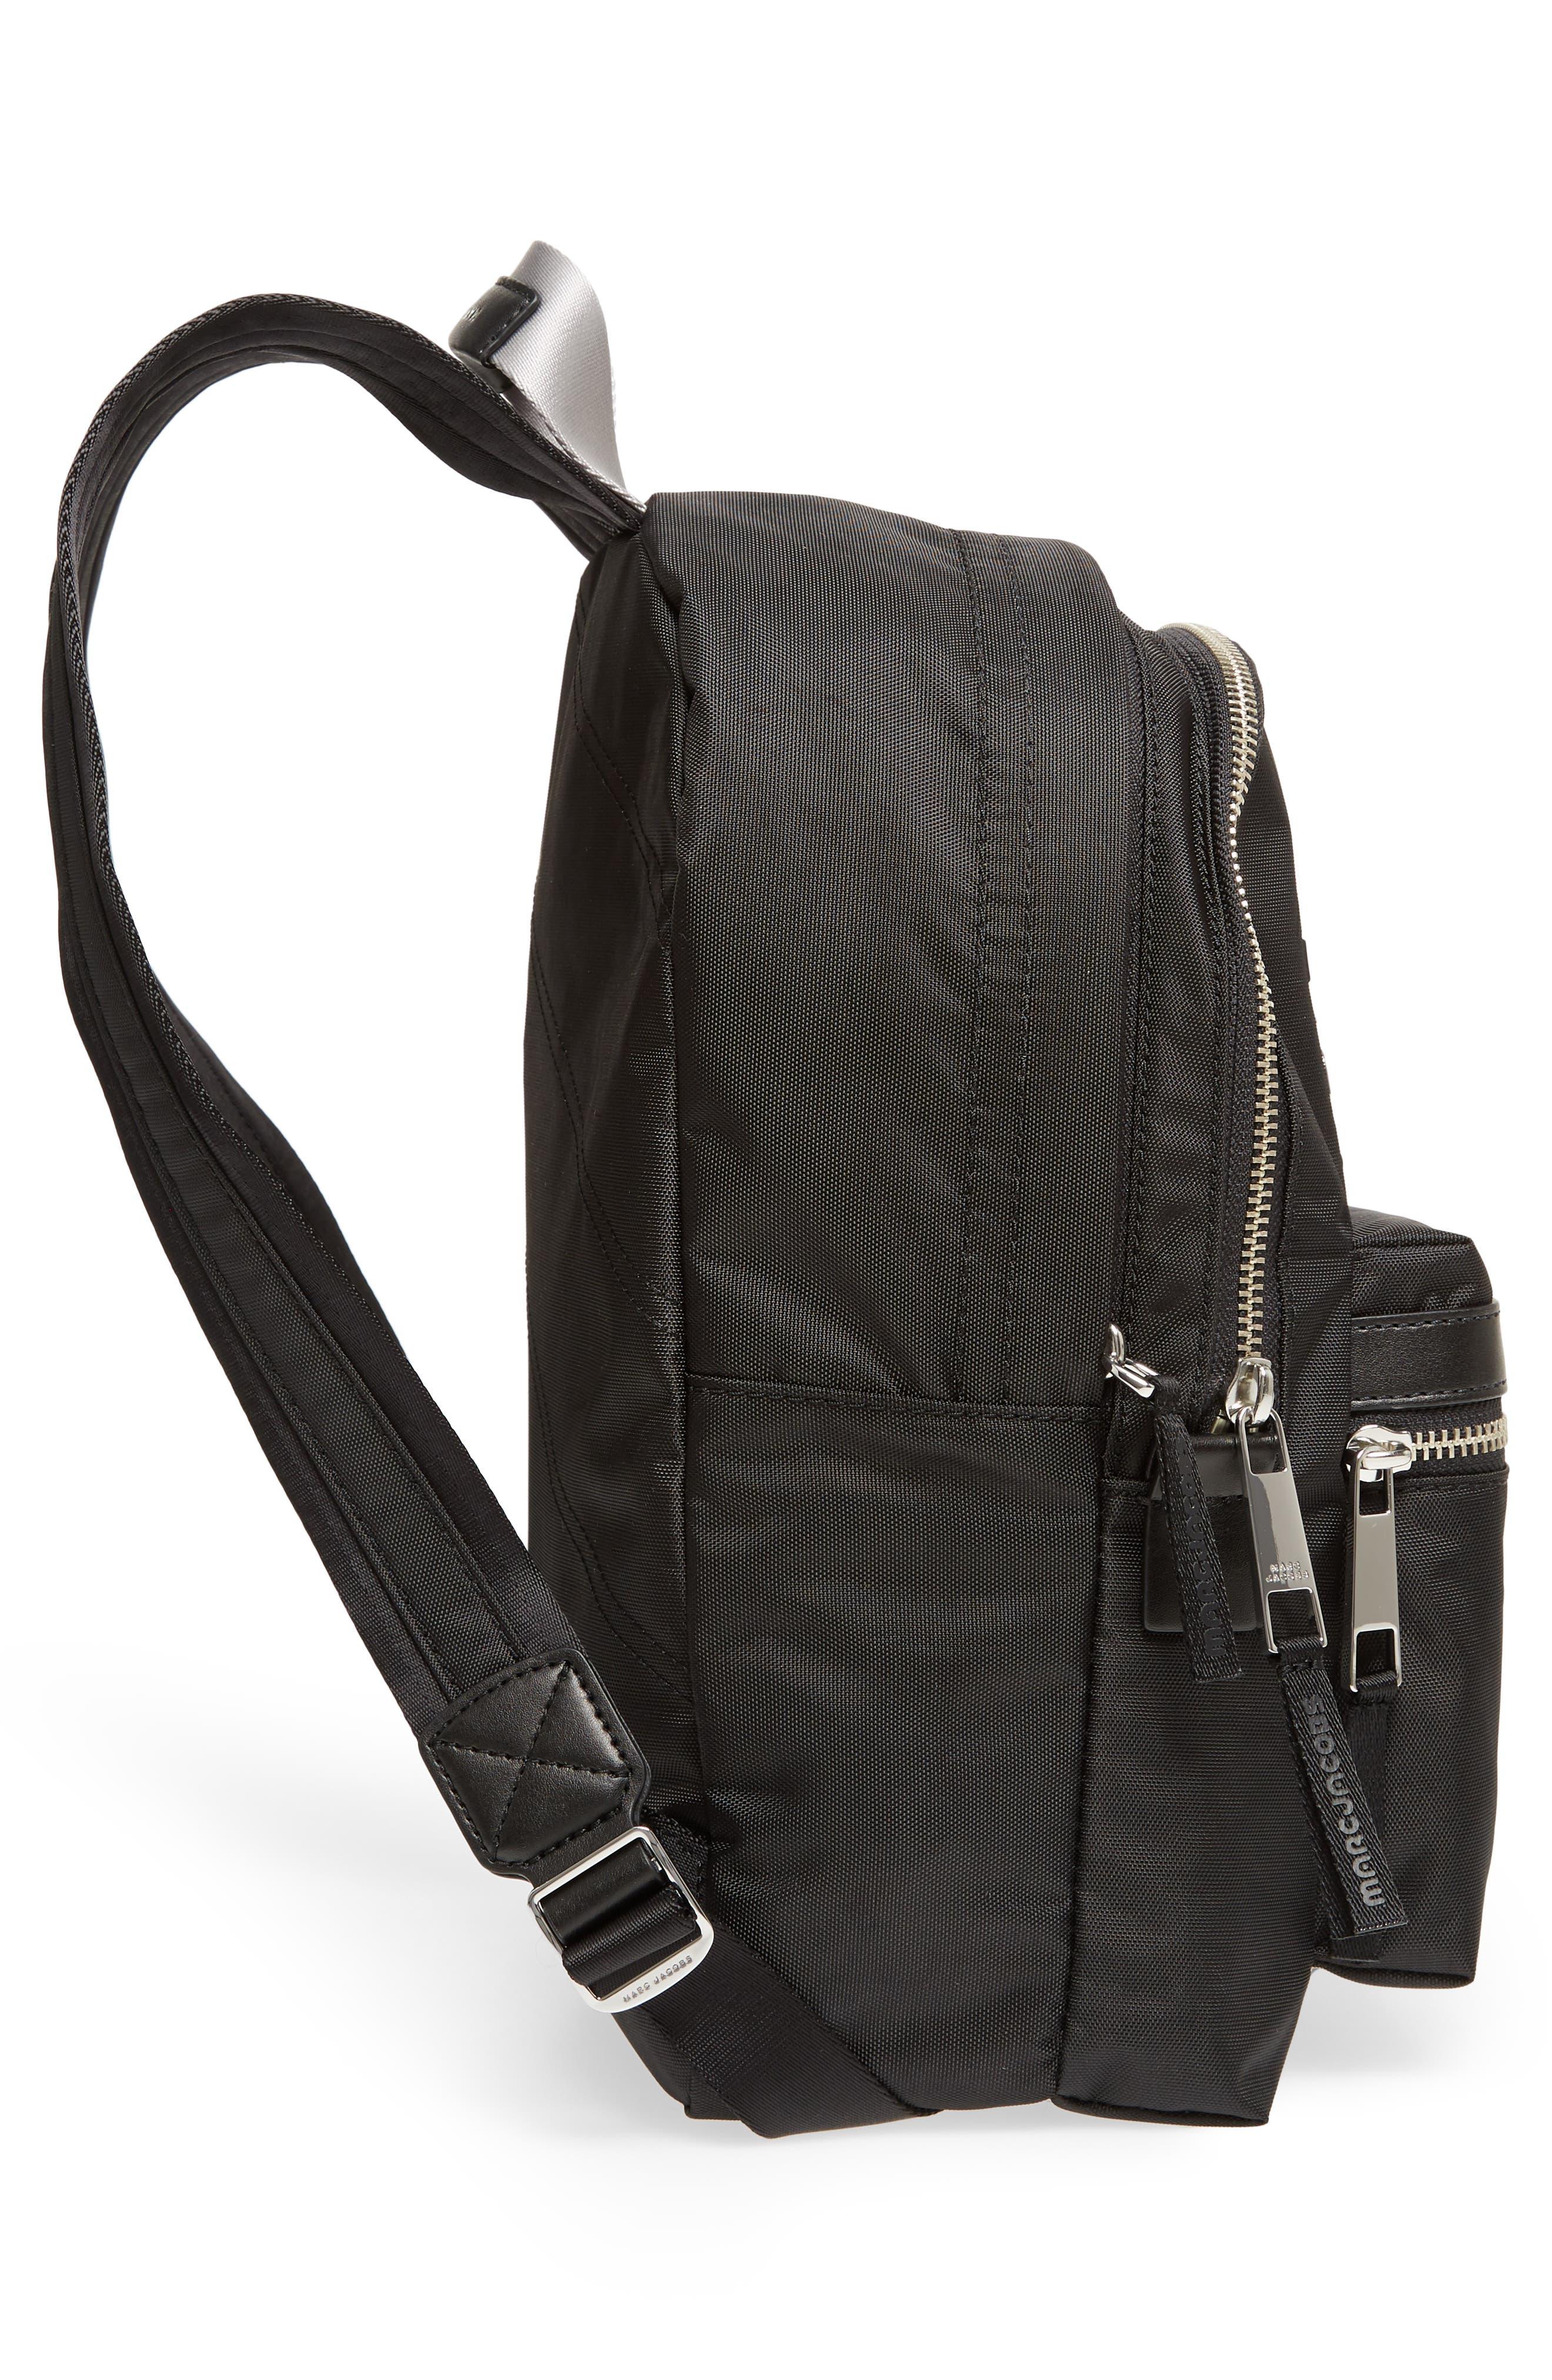 Medium Sport Trek Backpack,                             Alternate thumbnail 5, color,                             BLACK